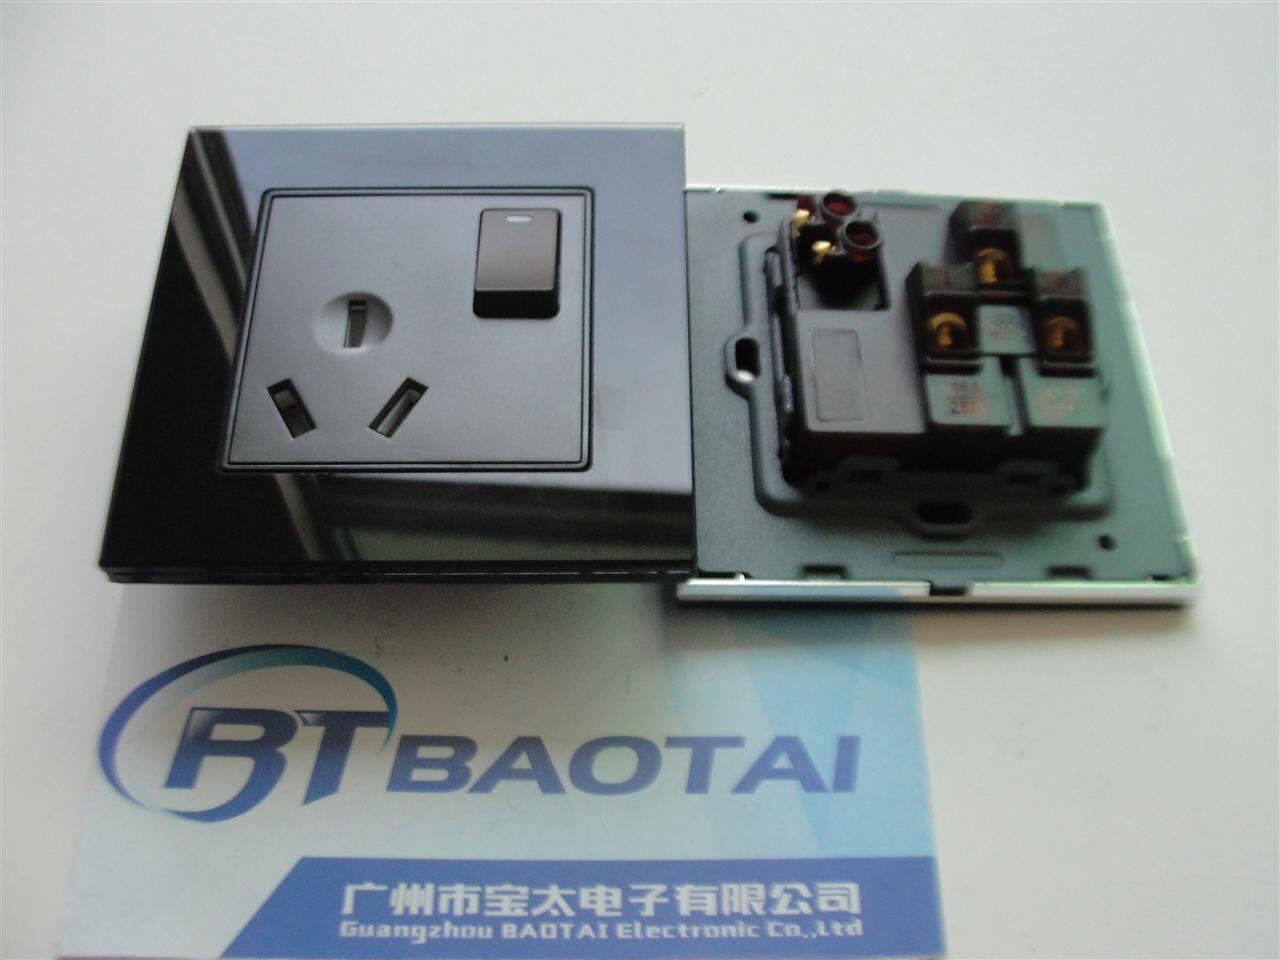 86型一开三孔插座-宝太86型16a空调电源插座带开关